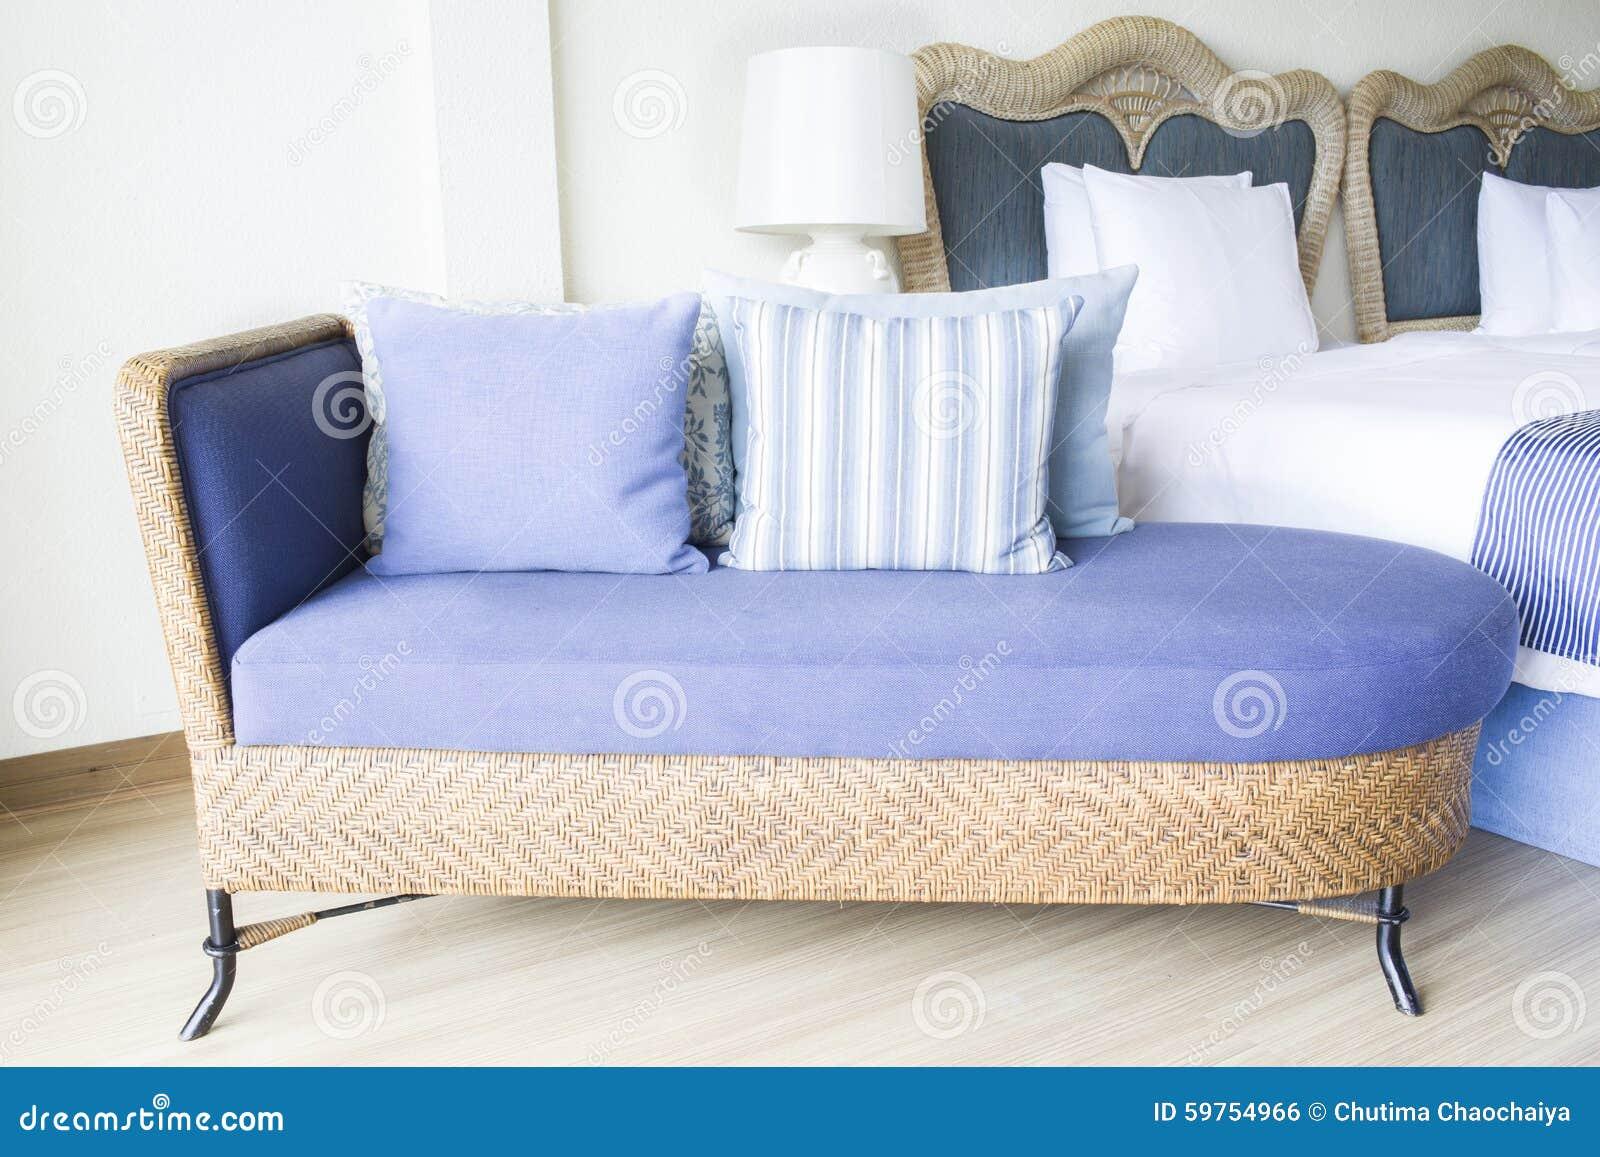 Slaapkamer Bank Maken : Slaapkamer bank maken ~ beste ideen over huis en interieur